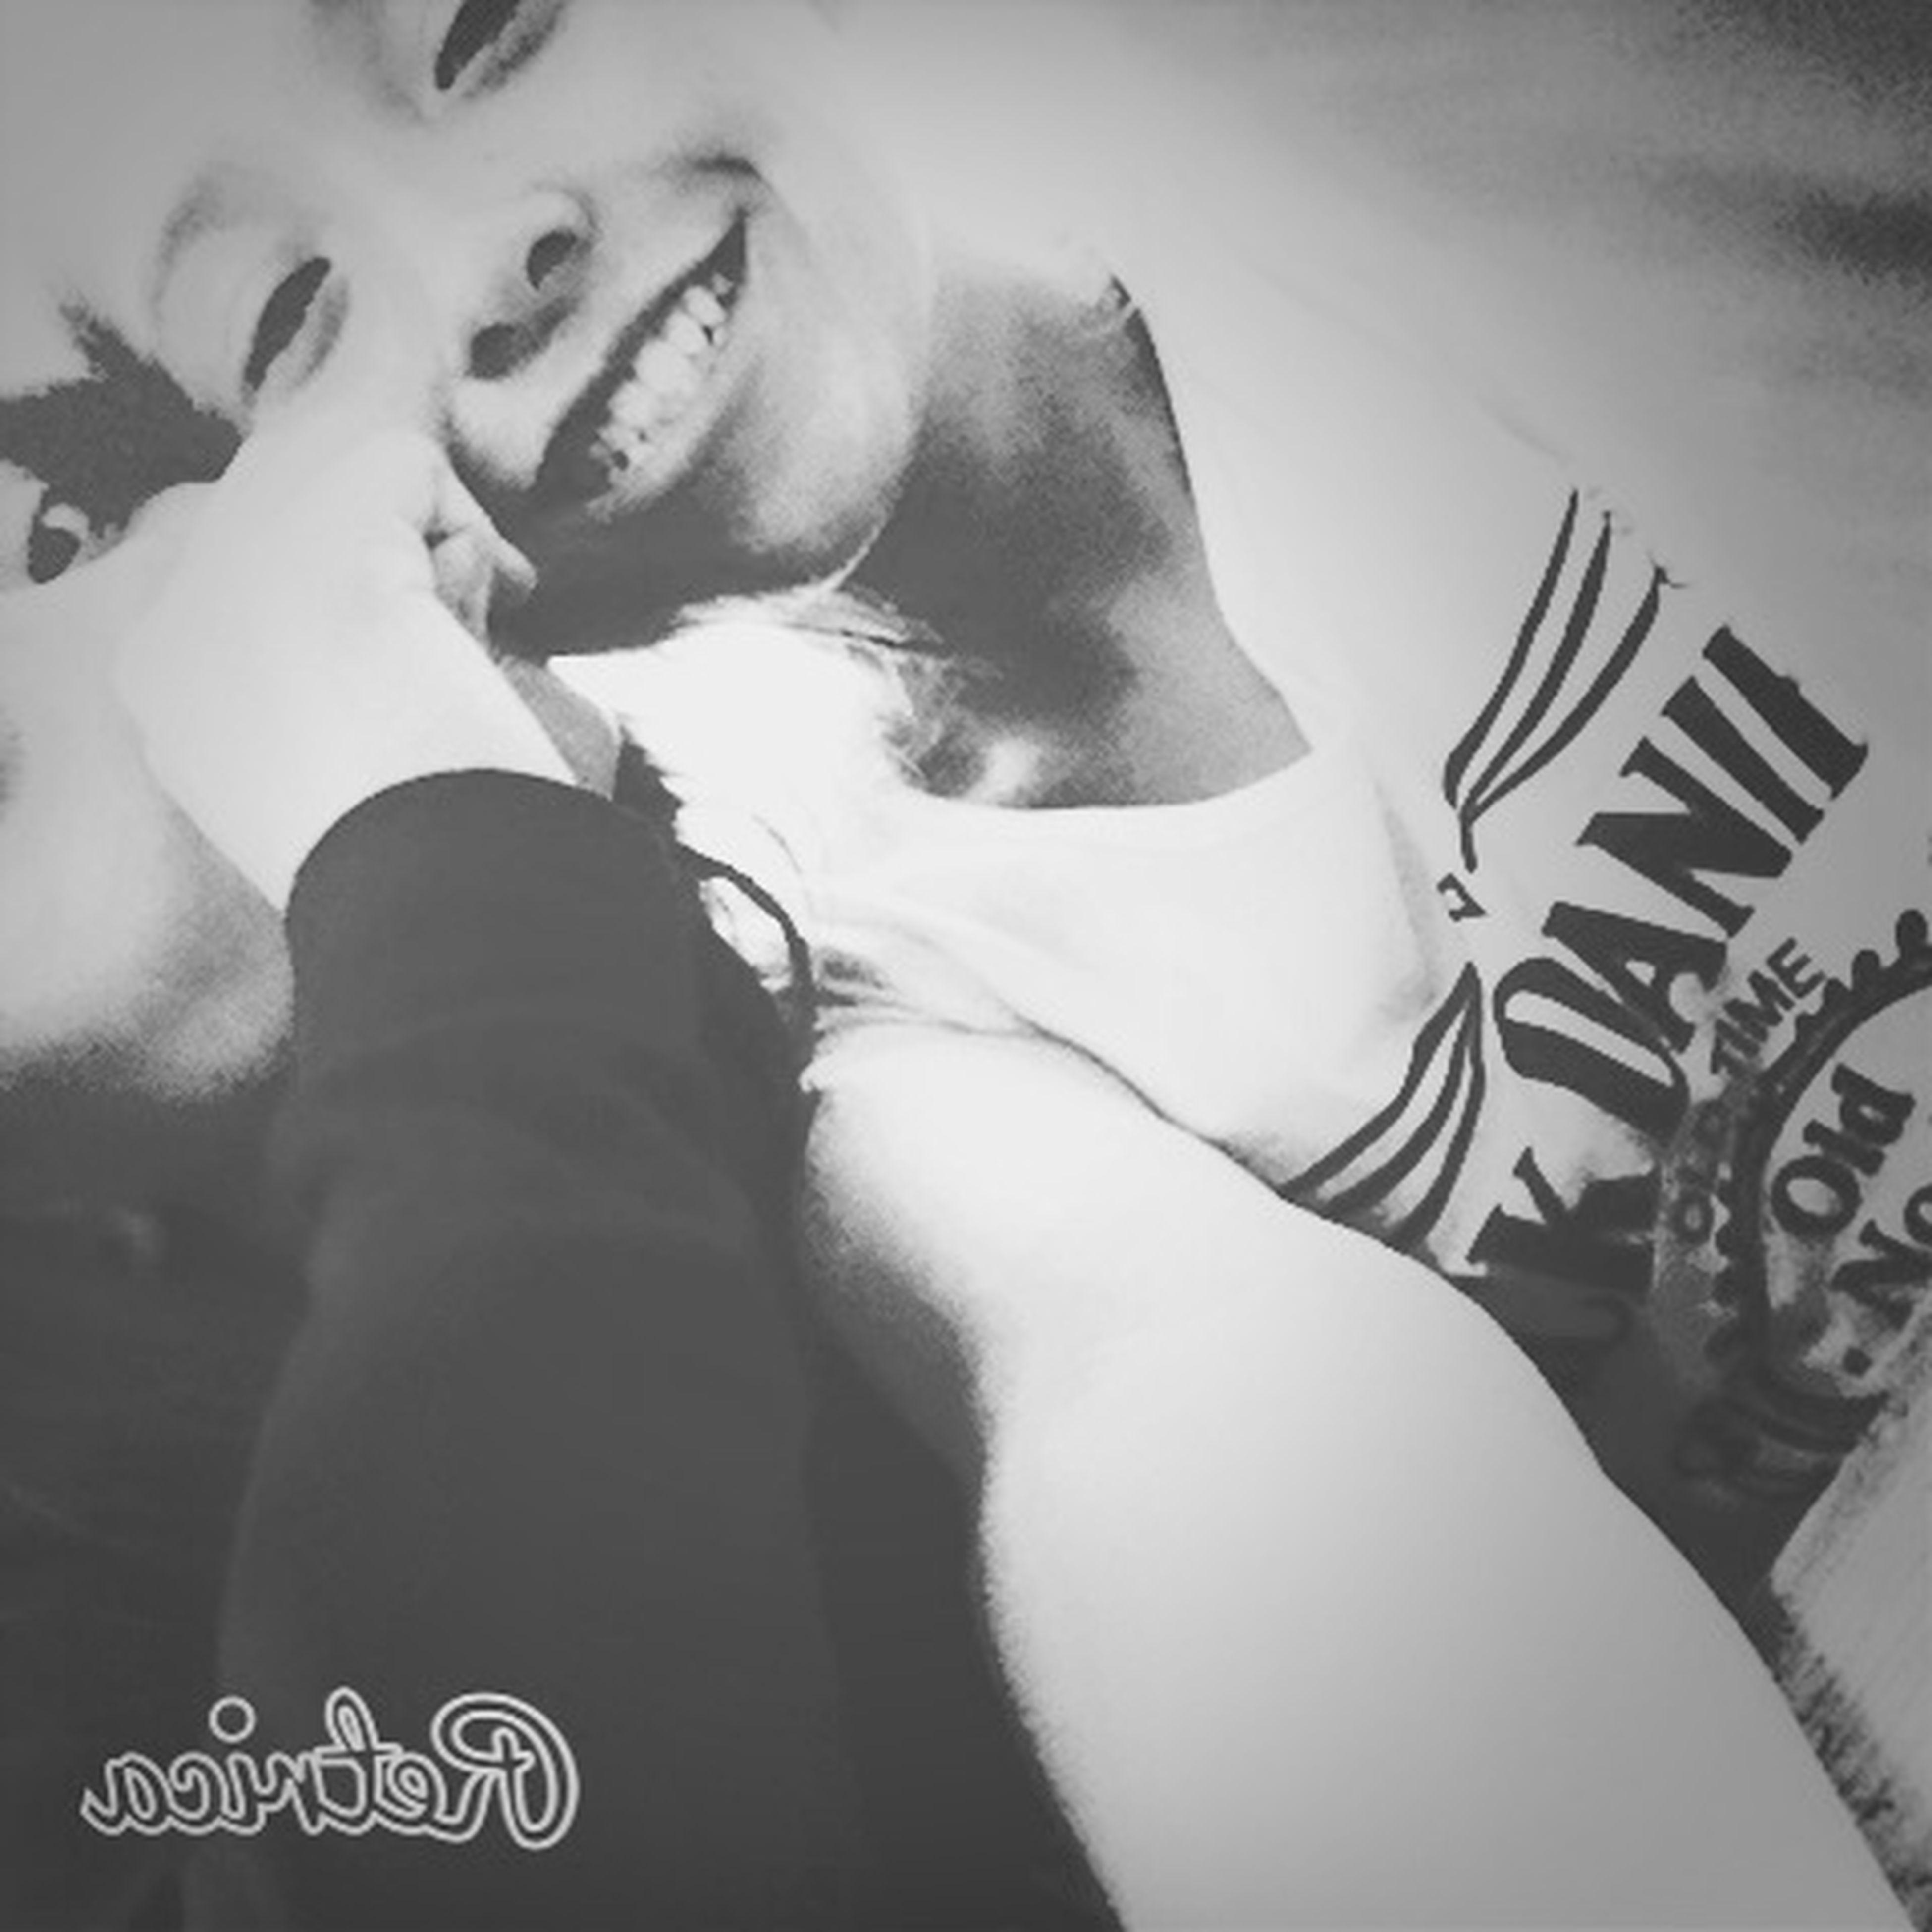 Con ella *-*